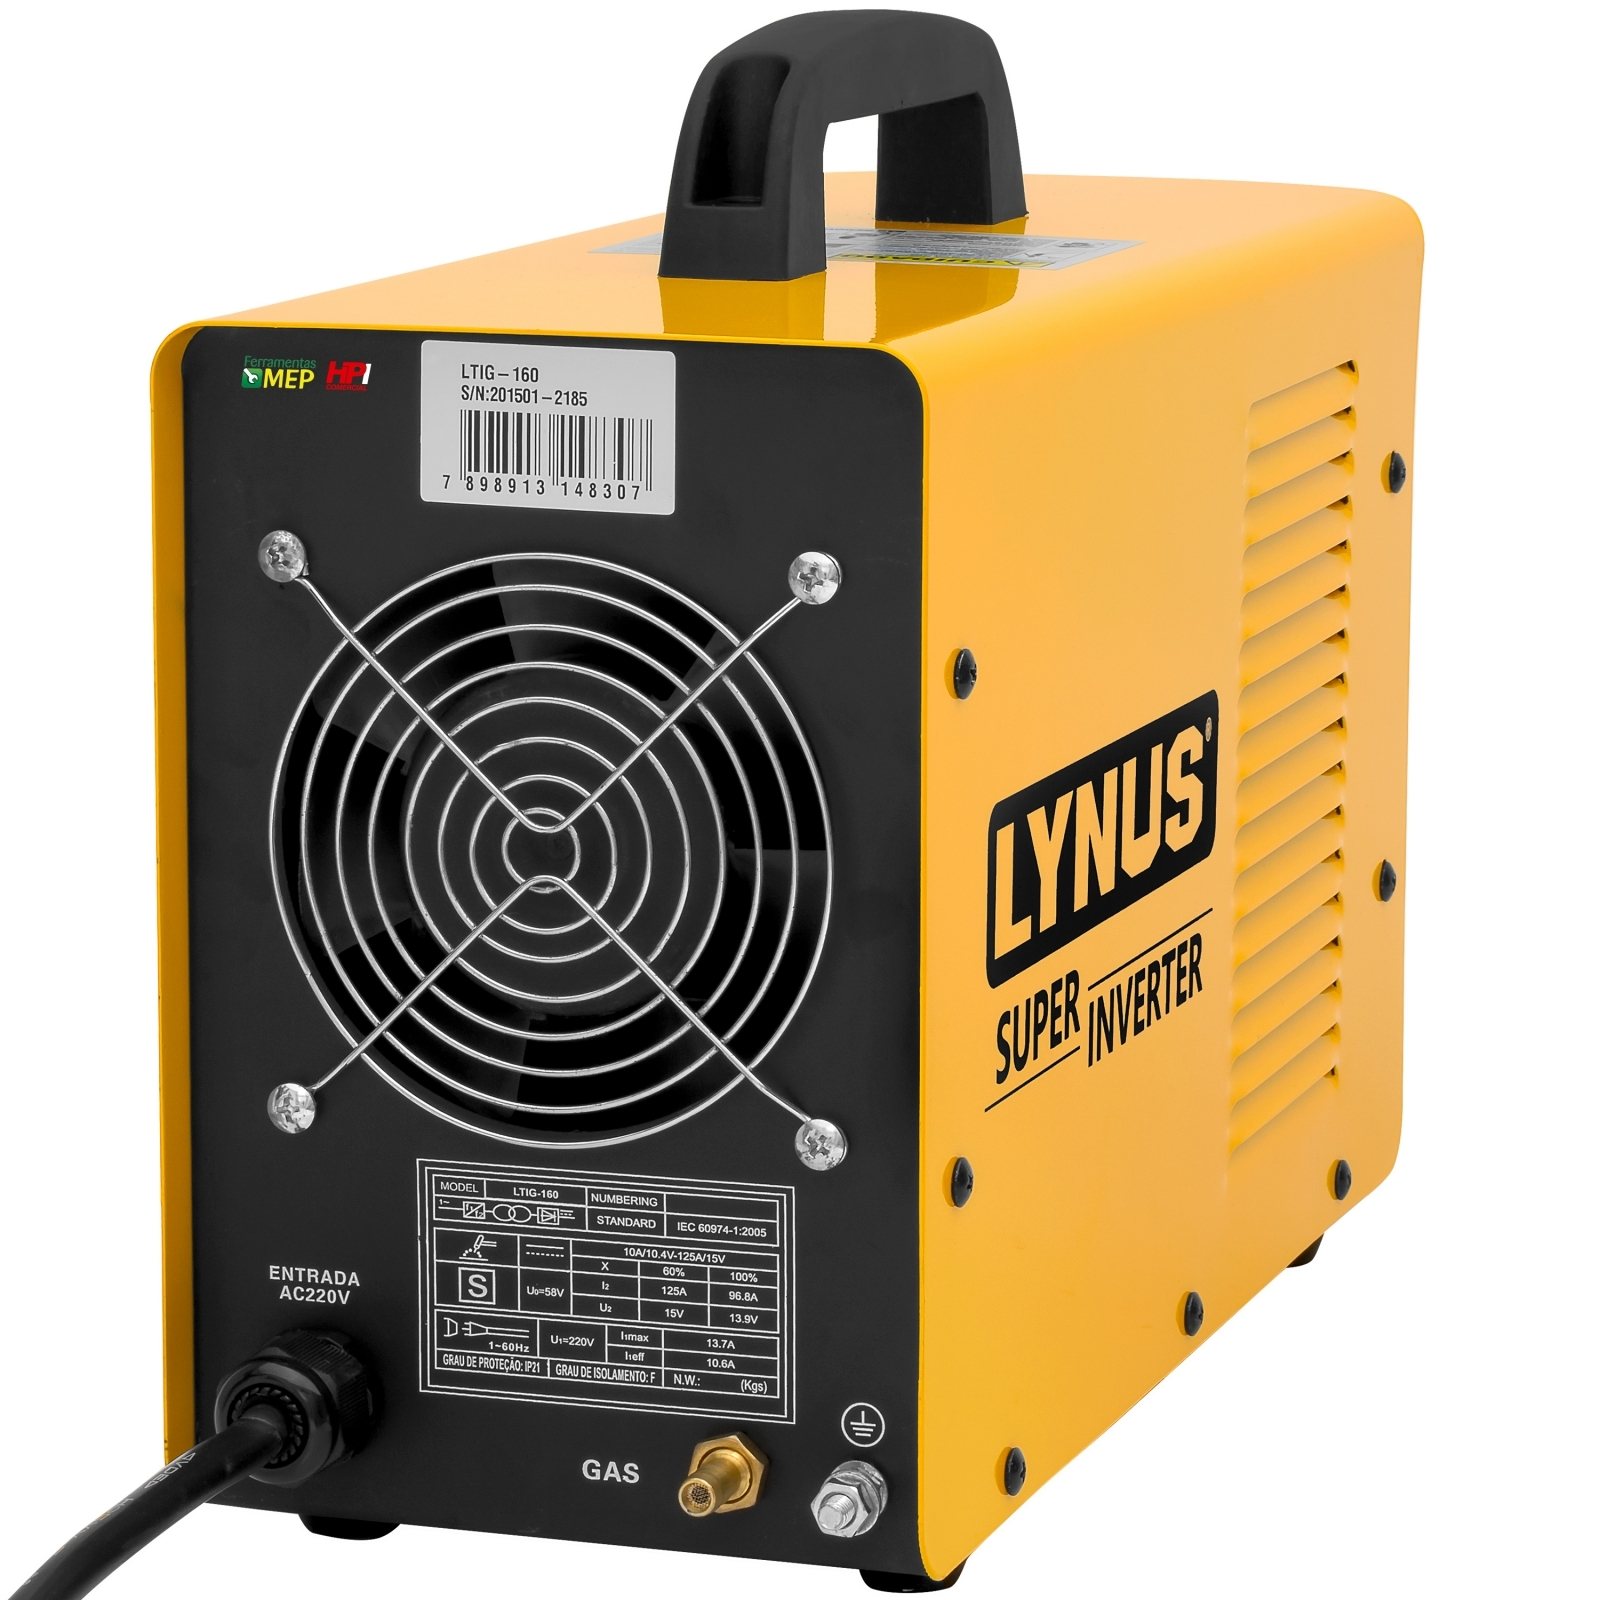 Máquina de Solda Tig Lynus Inversora 160amp Com Acessórios Tl3 - Ferramentas MEP